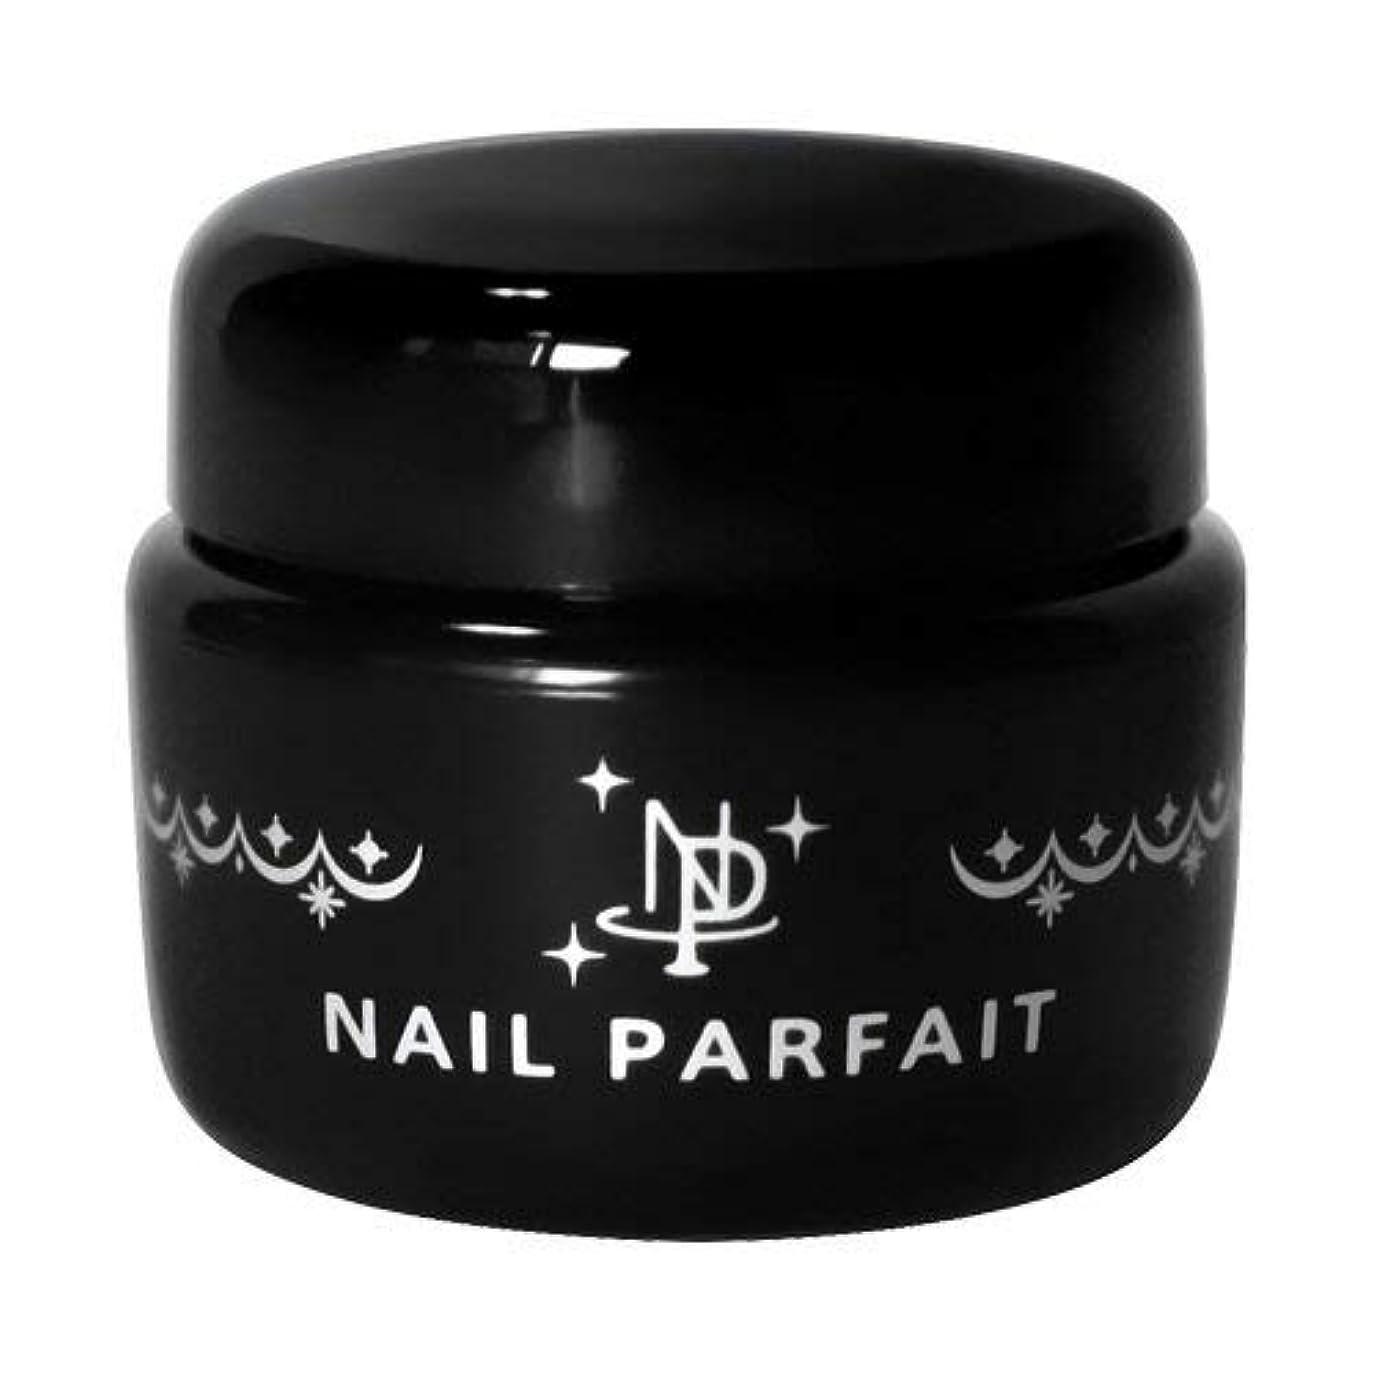 特性毛皮ブロッサムNAIL PARFAIT ネイルパフェ ハイグロストップジェル10g 【ジェル/クリアジェル・ネイル用品】